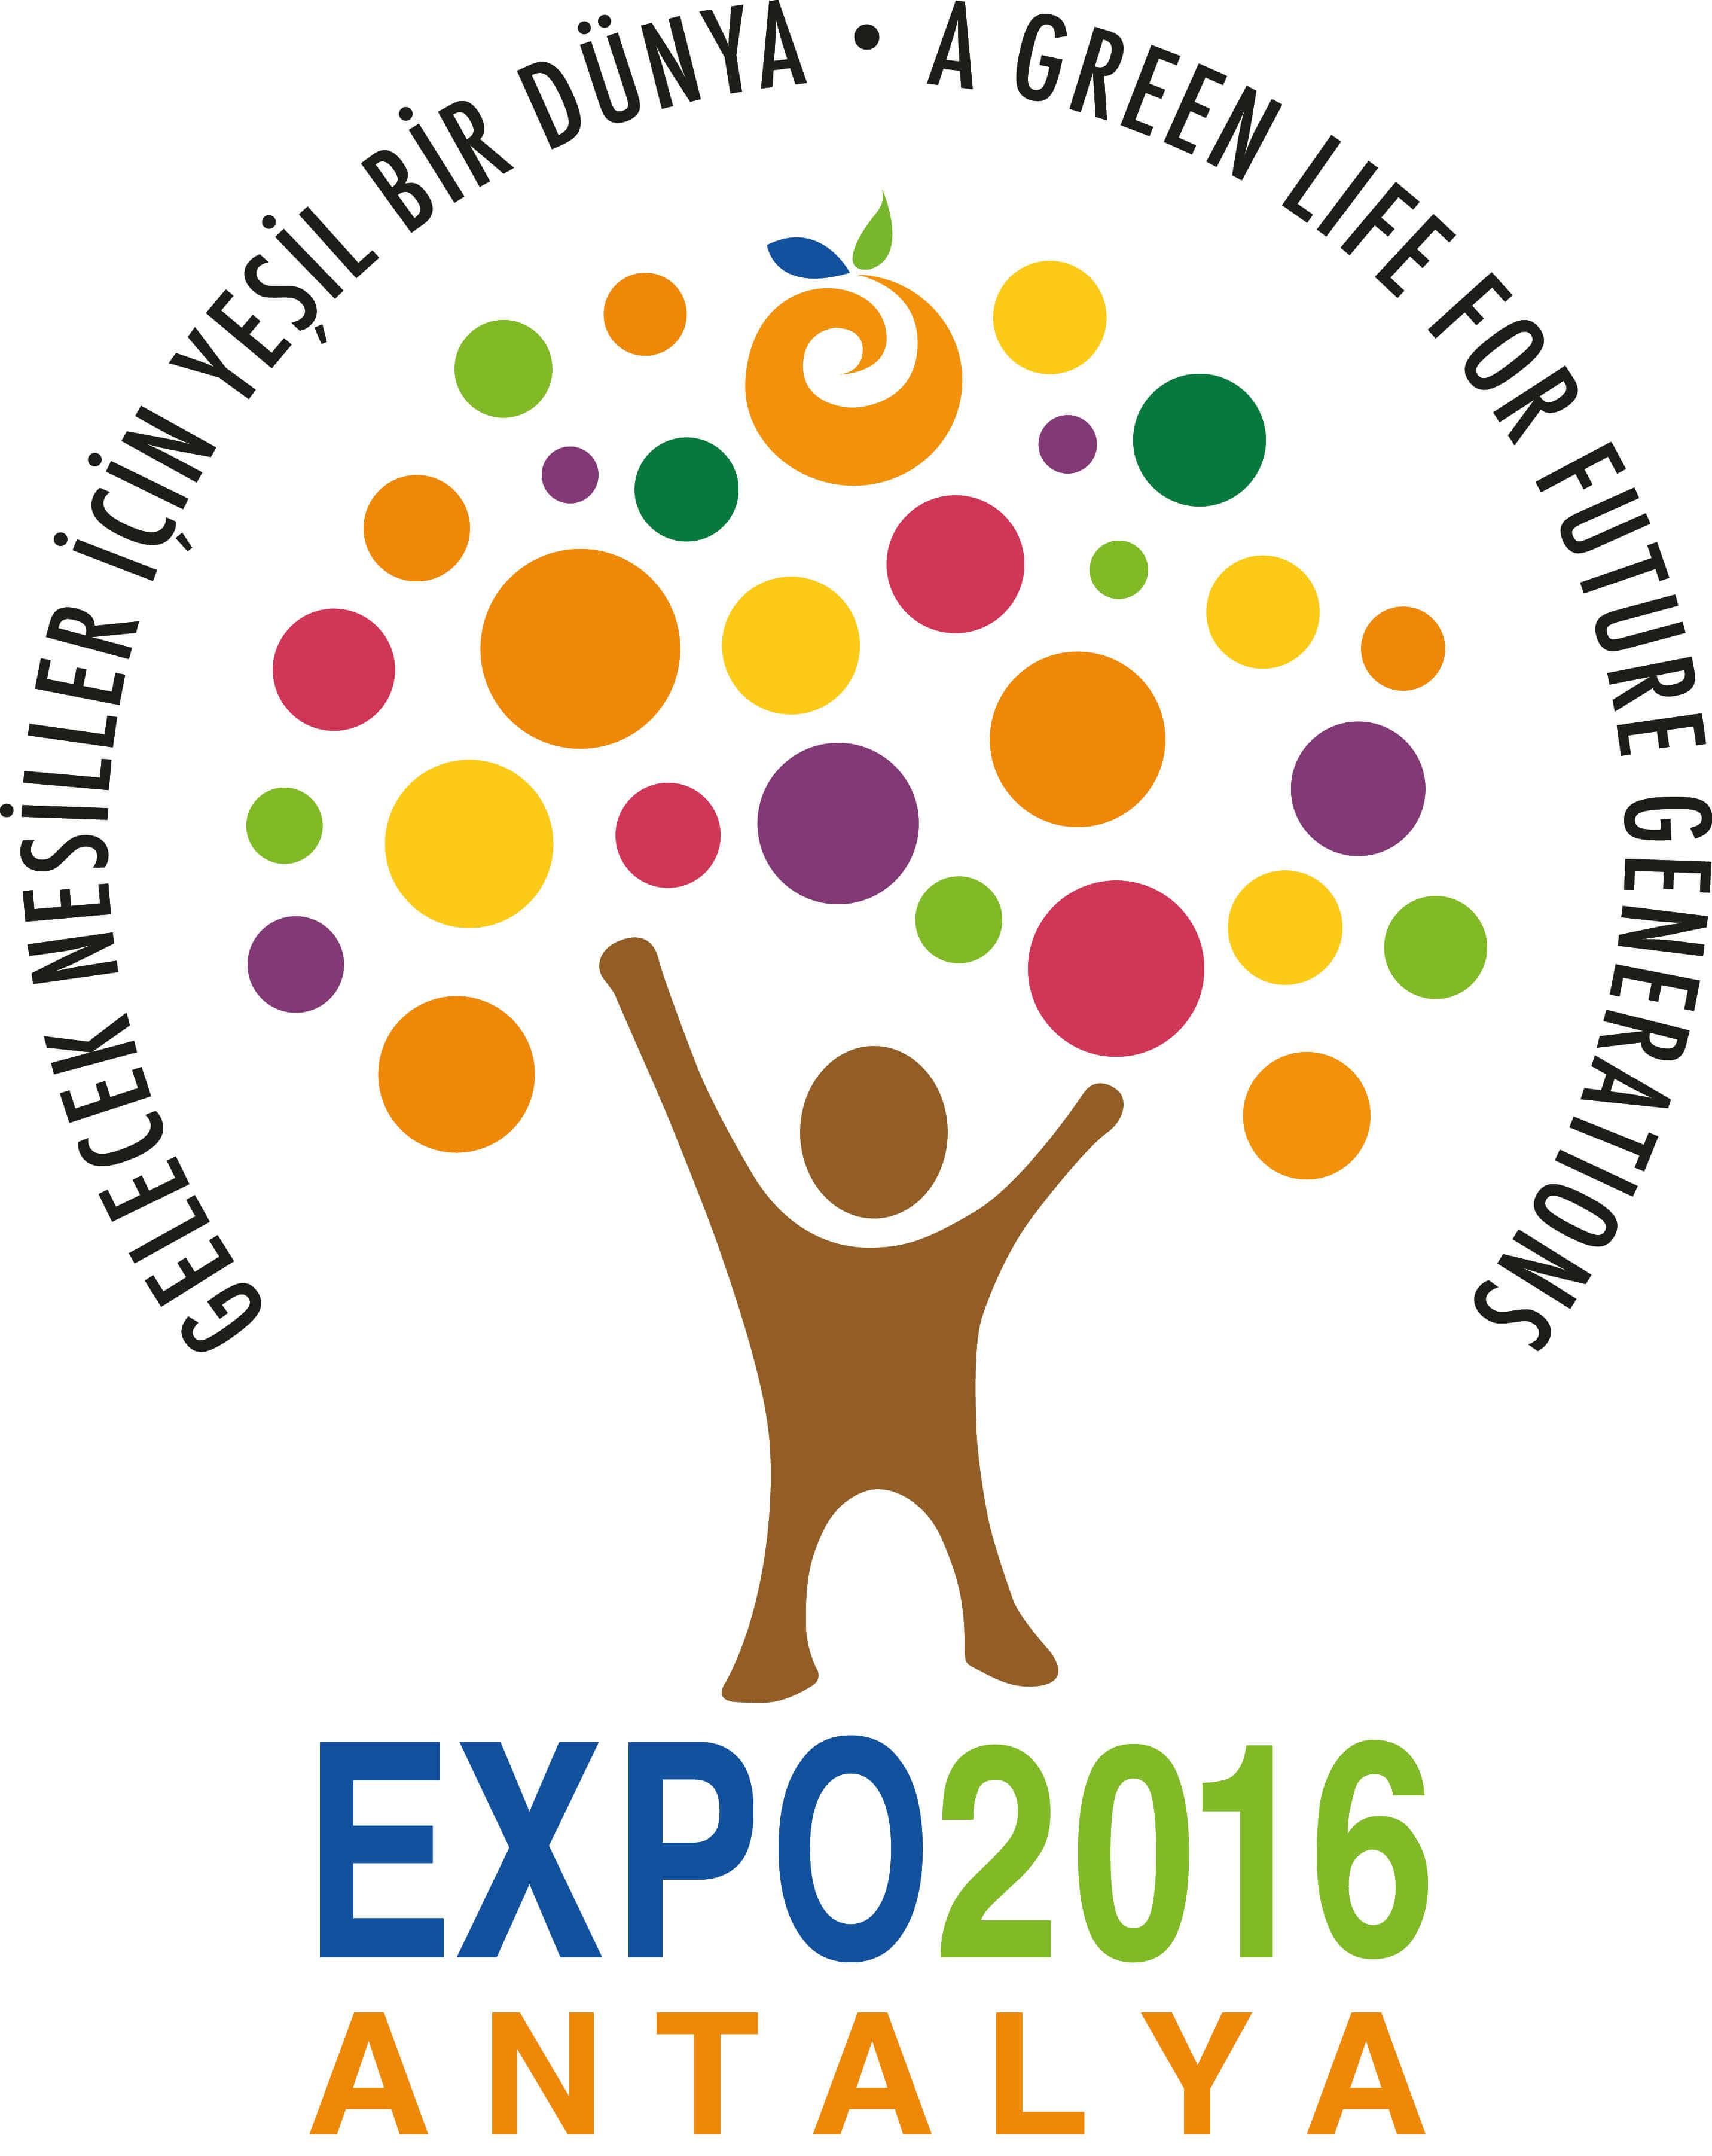 EXPO 2016 'A green life fot future generations'